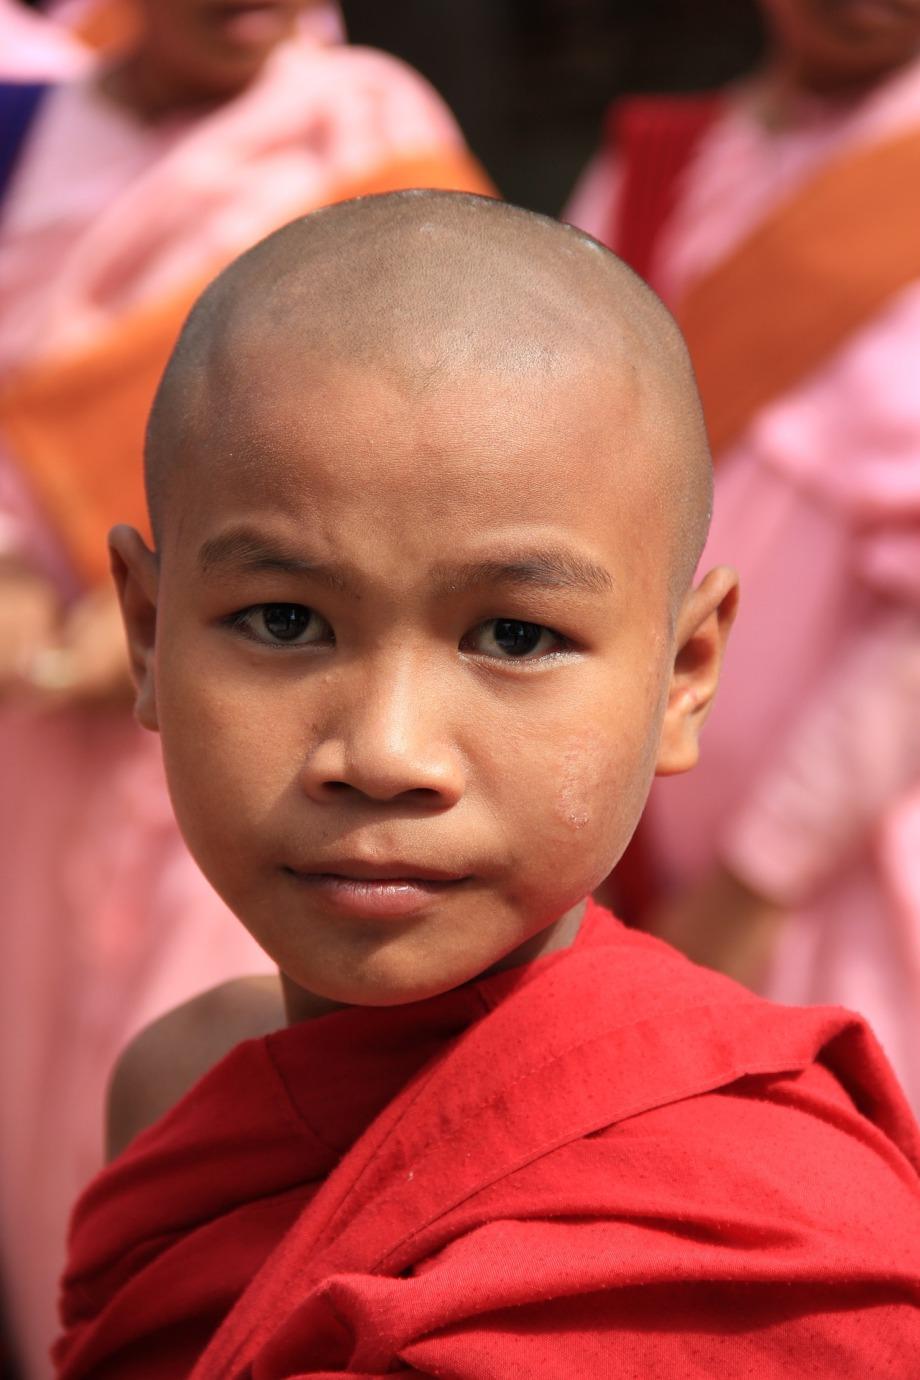 myanmar-1068571_1920